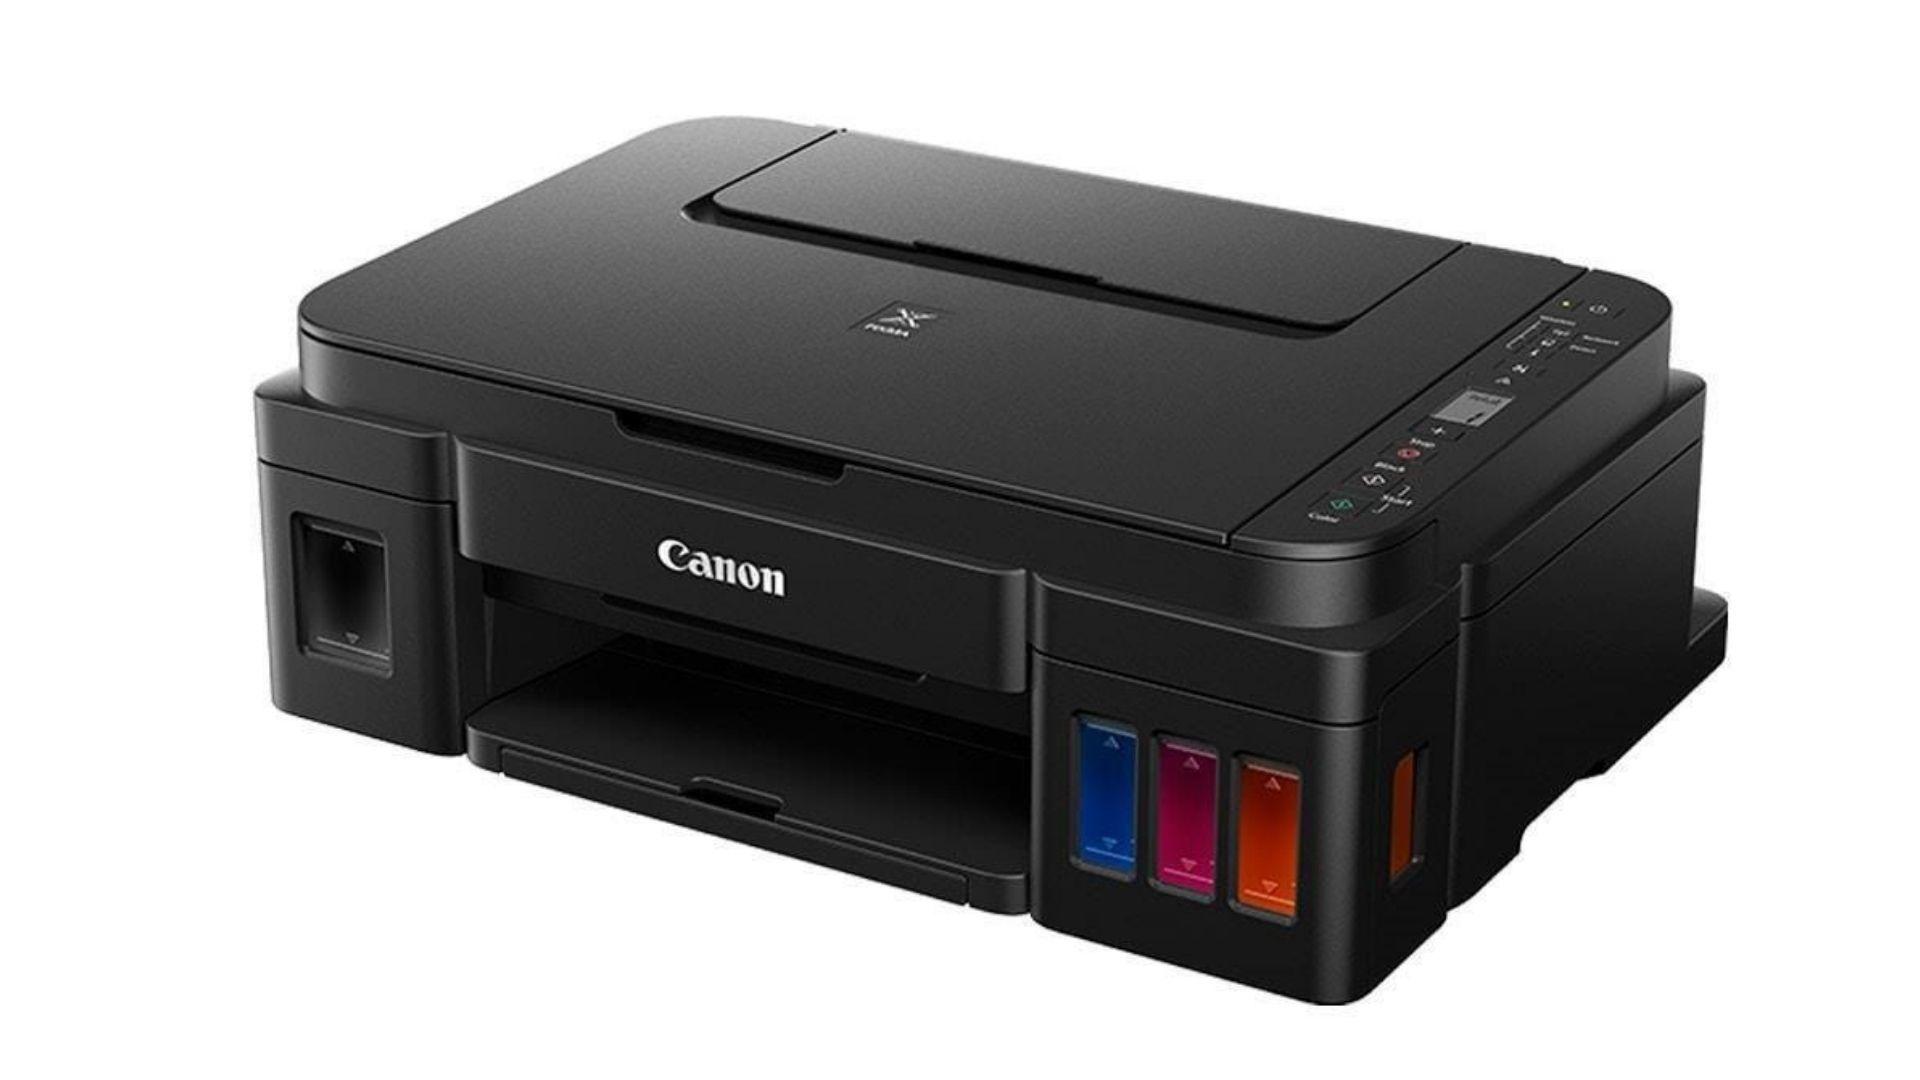 A impressora Canon G3111 imprime em colorido com qualidade de 4800x1200dpi em preto 600x600dpi.